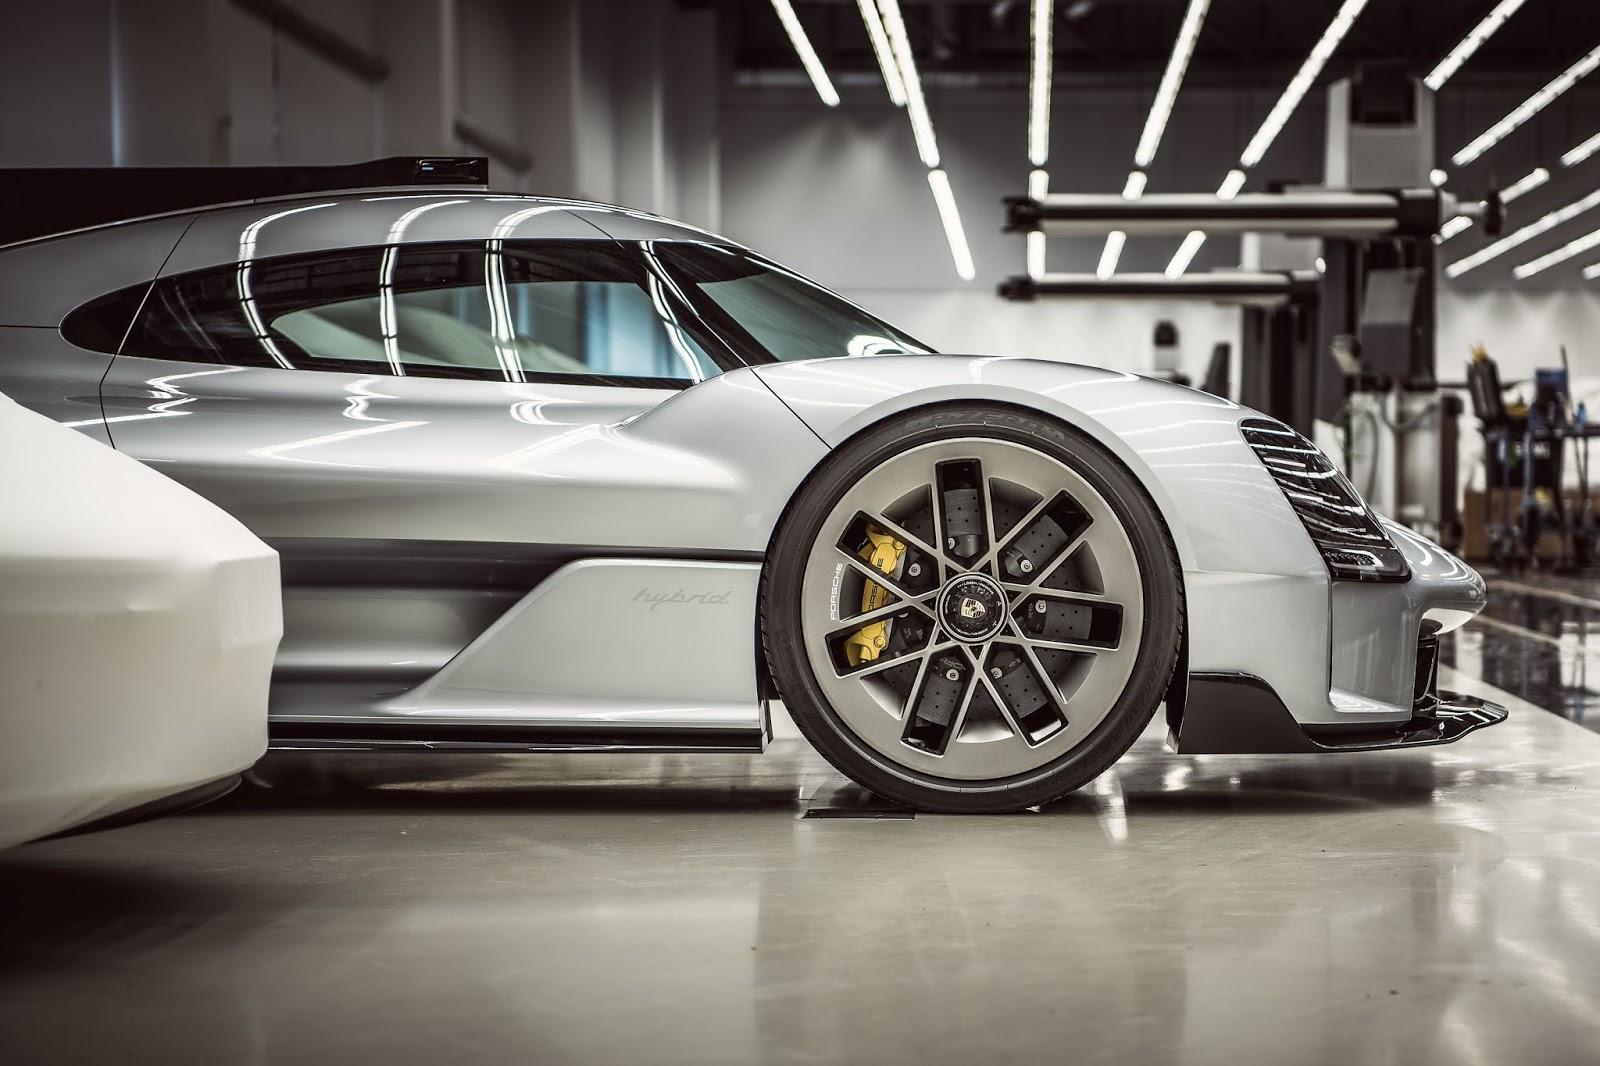 CUR7382 1 Τα άγνωστα Hypercars της Porsche hypercar, Porsche, Porsche Unseen, Sunday, supercar, supercars, zblog, ειδήσεις